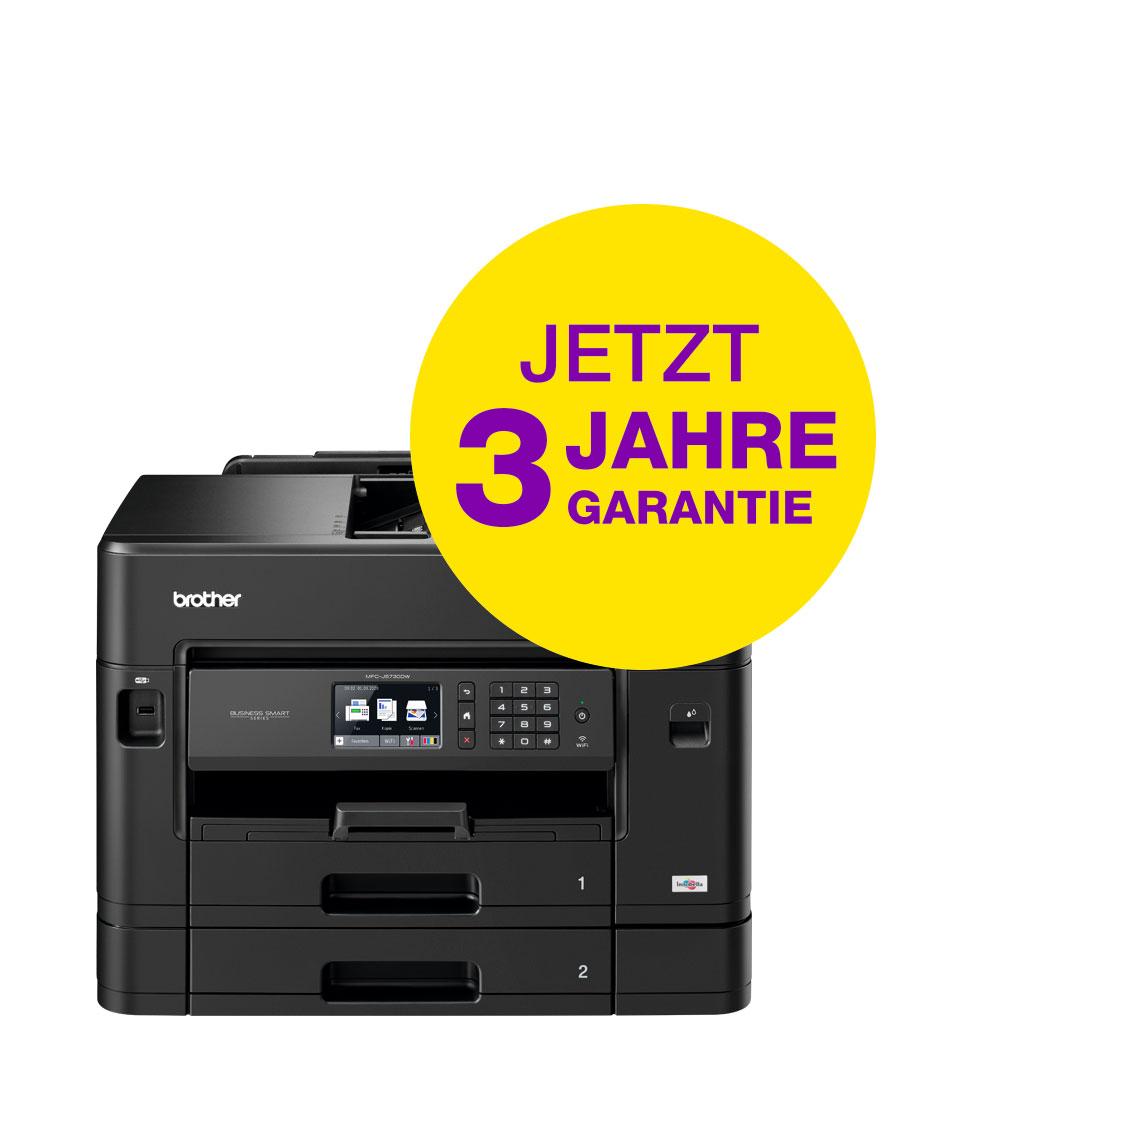 Brother MFC-J5730DW, Farbe Tintenstrahl Drucker, A4, 22 Seiten pro Minute, Drucken, Scannen, Kopieren, Fax, Duplex und WLAN